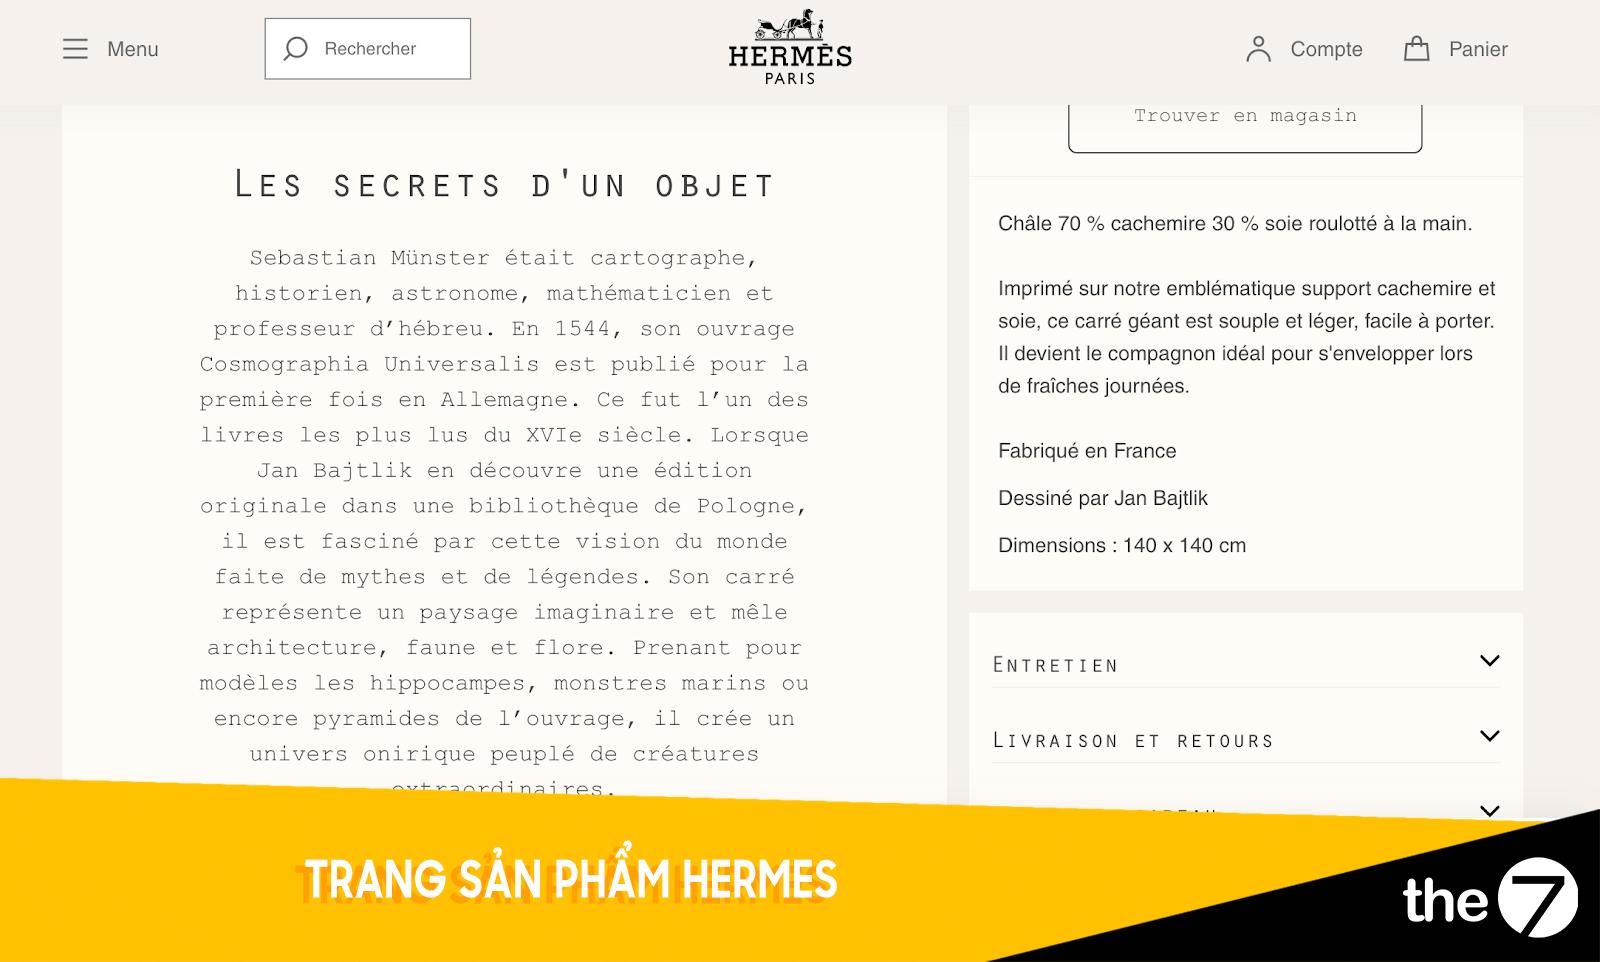 Trang sản phẩm Hermes